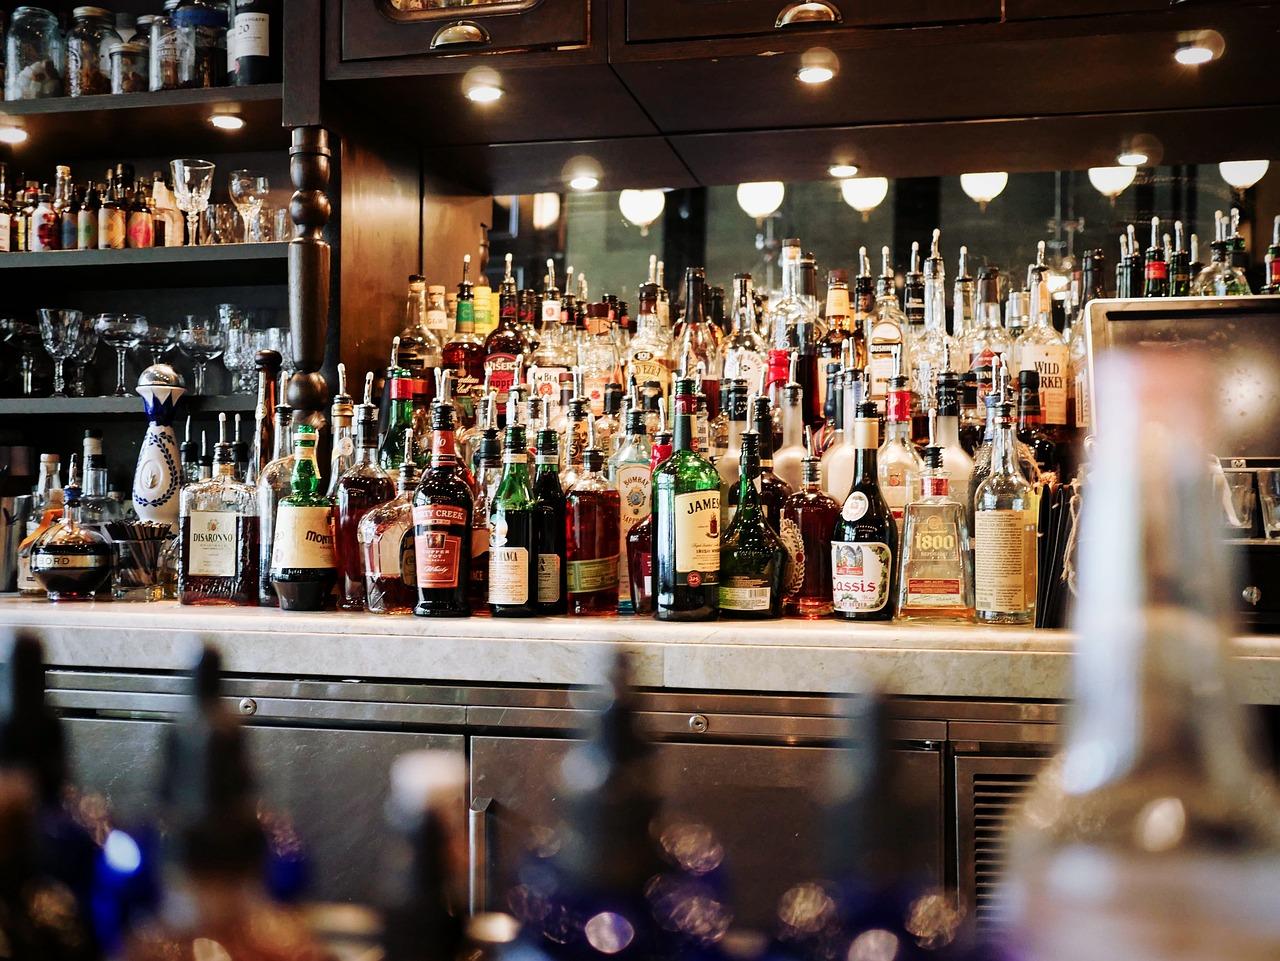 Ripristinata la licenza Utif per vendita o somministrazione di prodotti alcolici